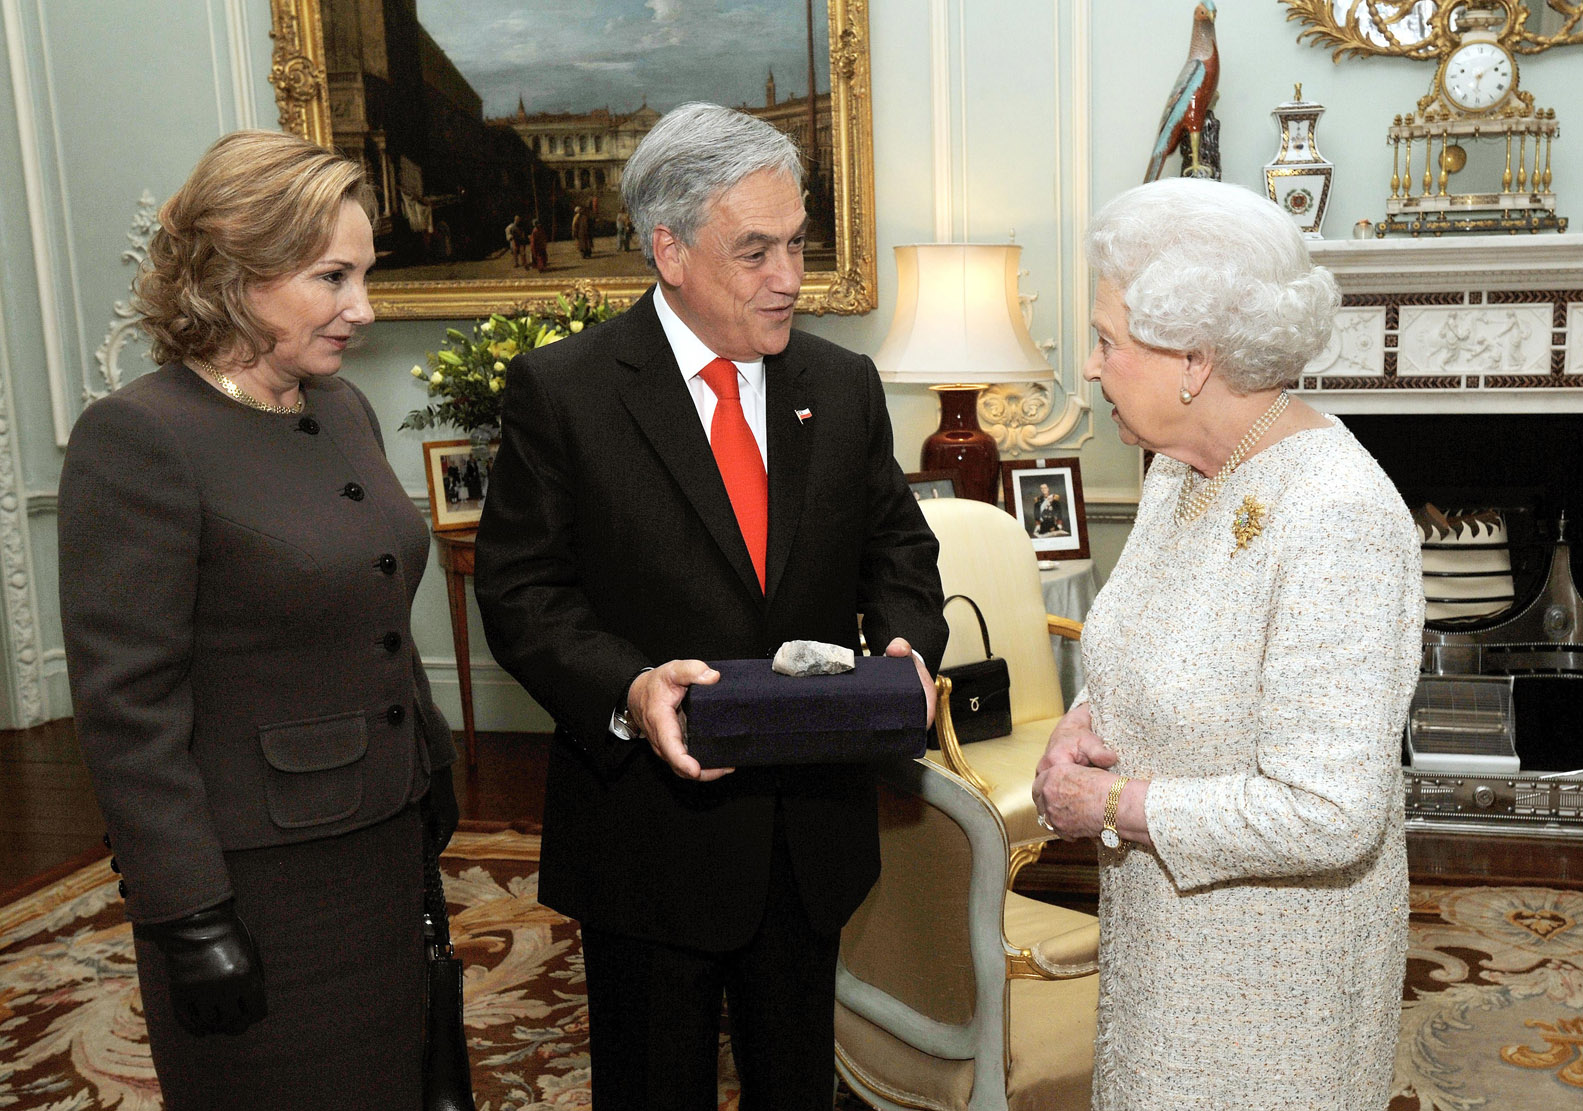 Piñera regalándole una pierdra de la Mina San José a la Reina Isabel II. Foto: Licencia Creative Commons